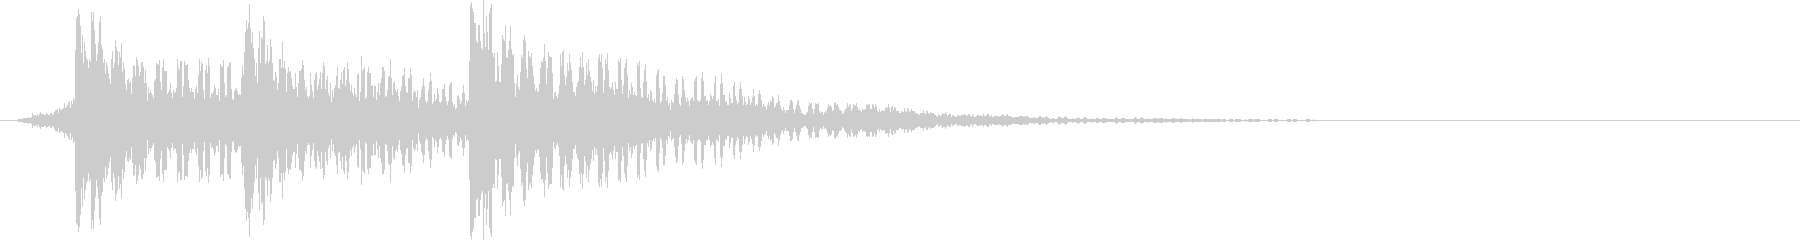 スマホアプリなどで使えるSE イメージ…の未再生の波形